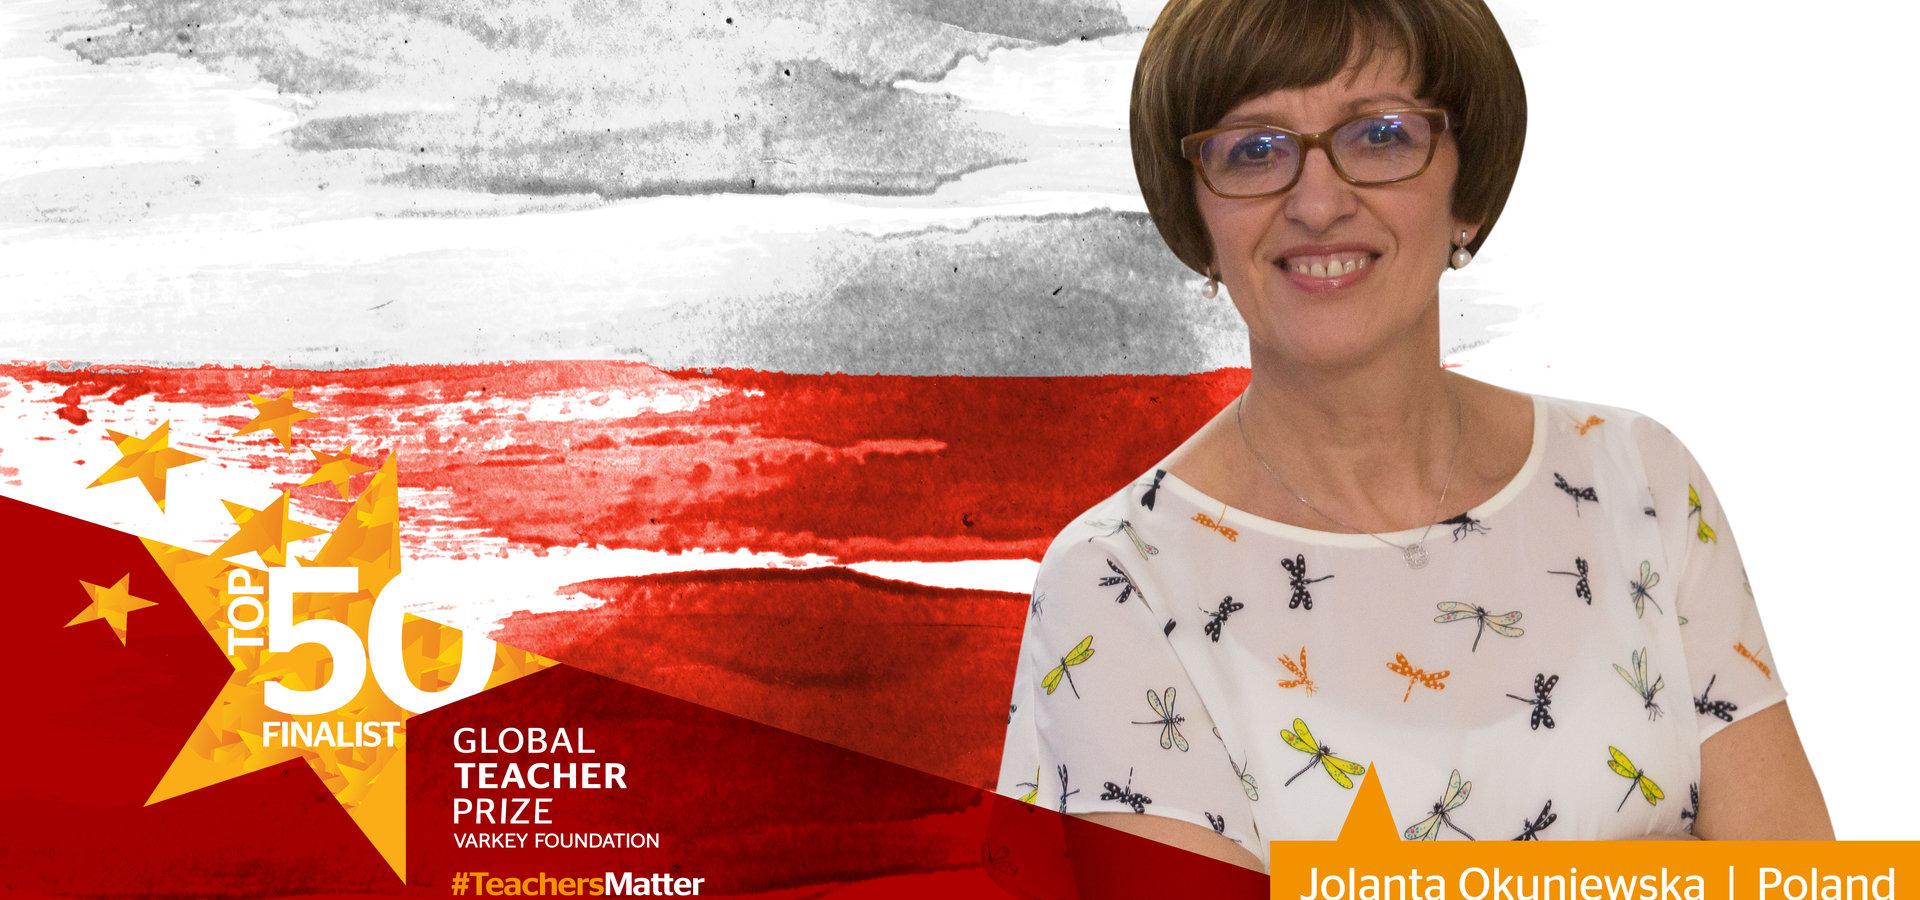 Mistrzowska Jolanta Okuniewska